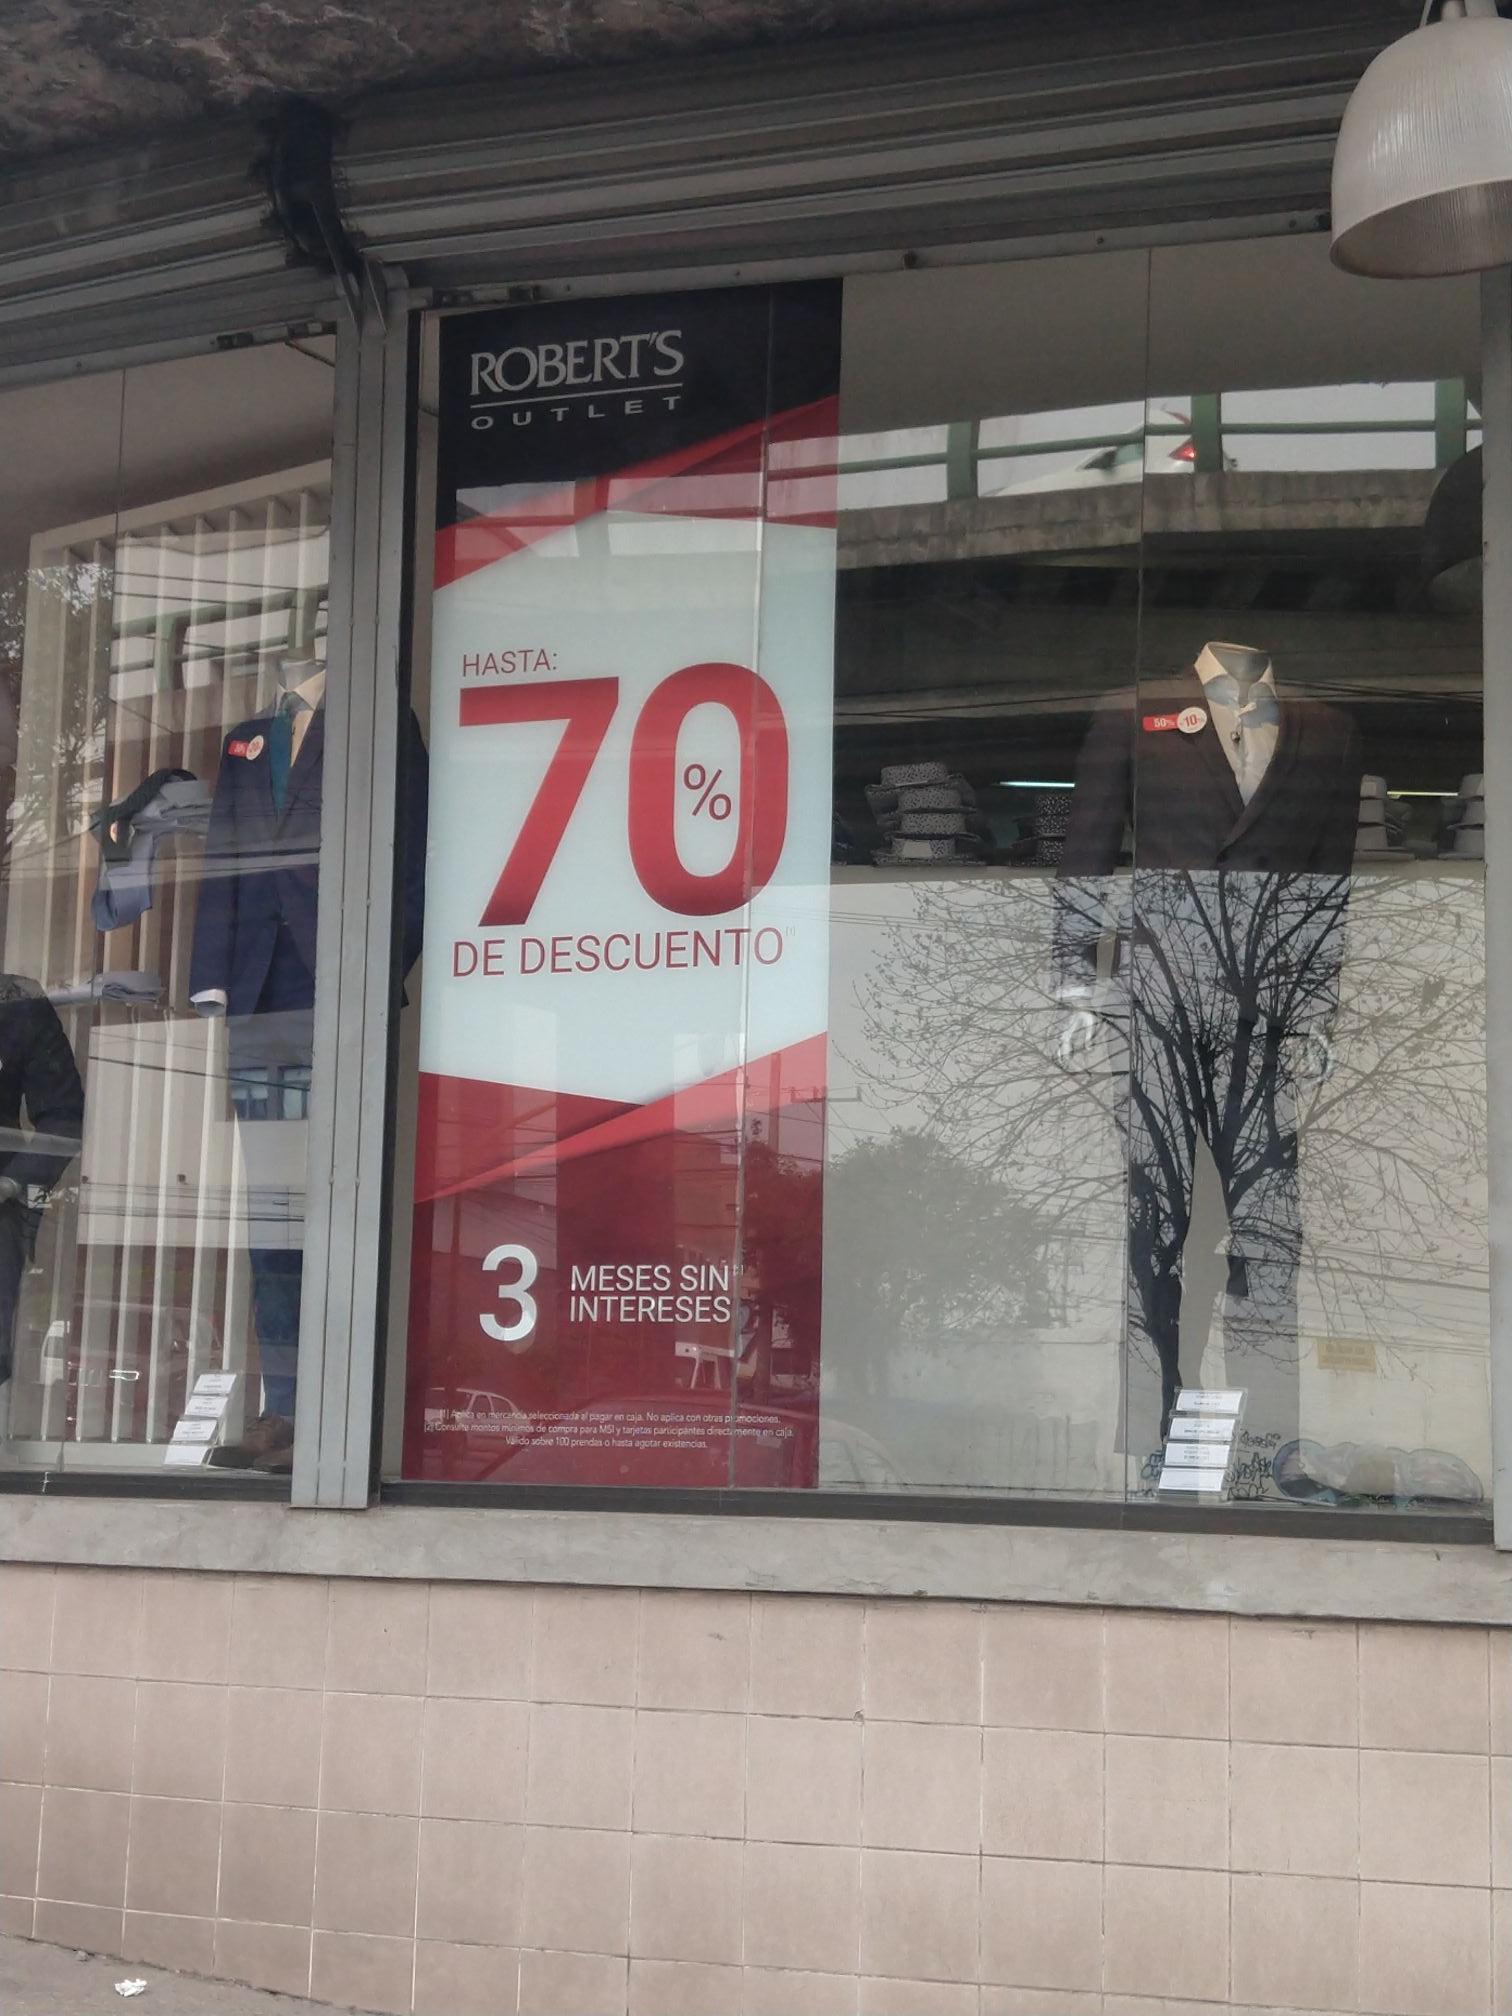 Outlet Roberts toda la tienda hasta 70% de descuentos